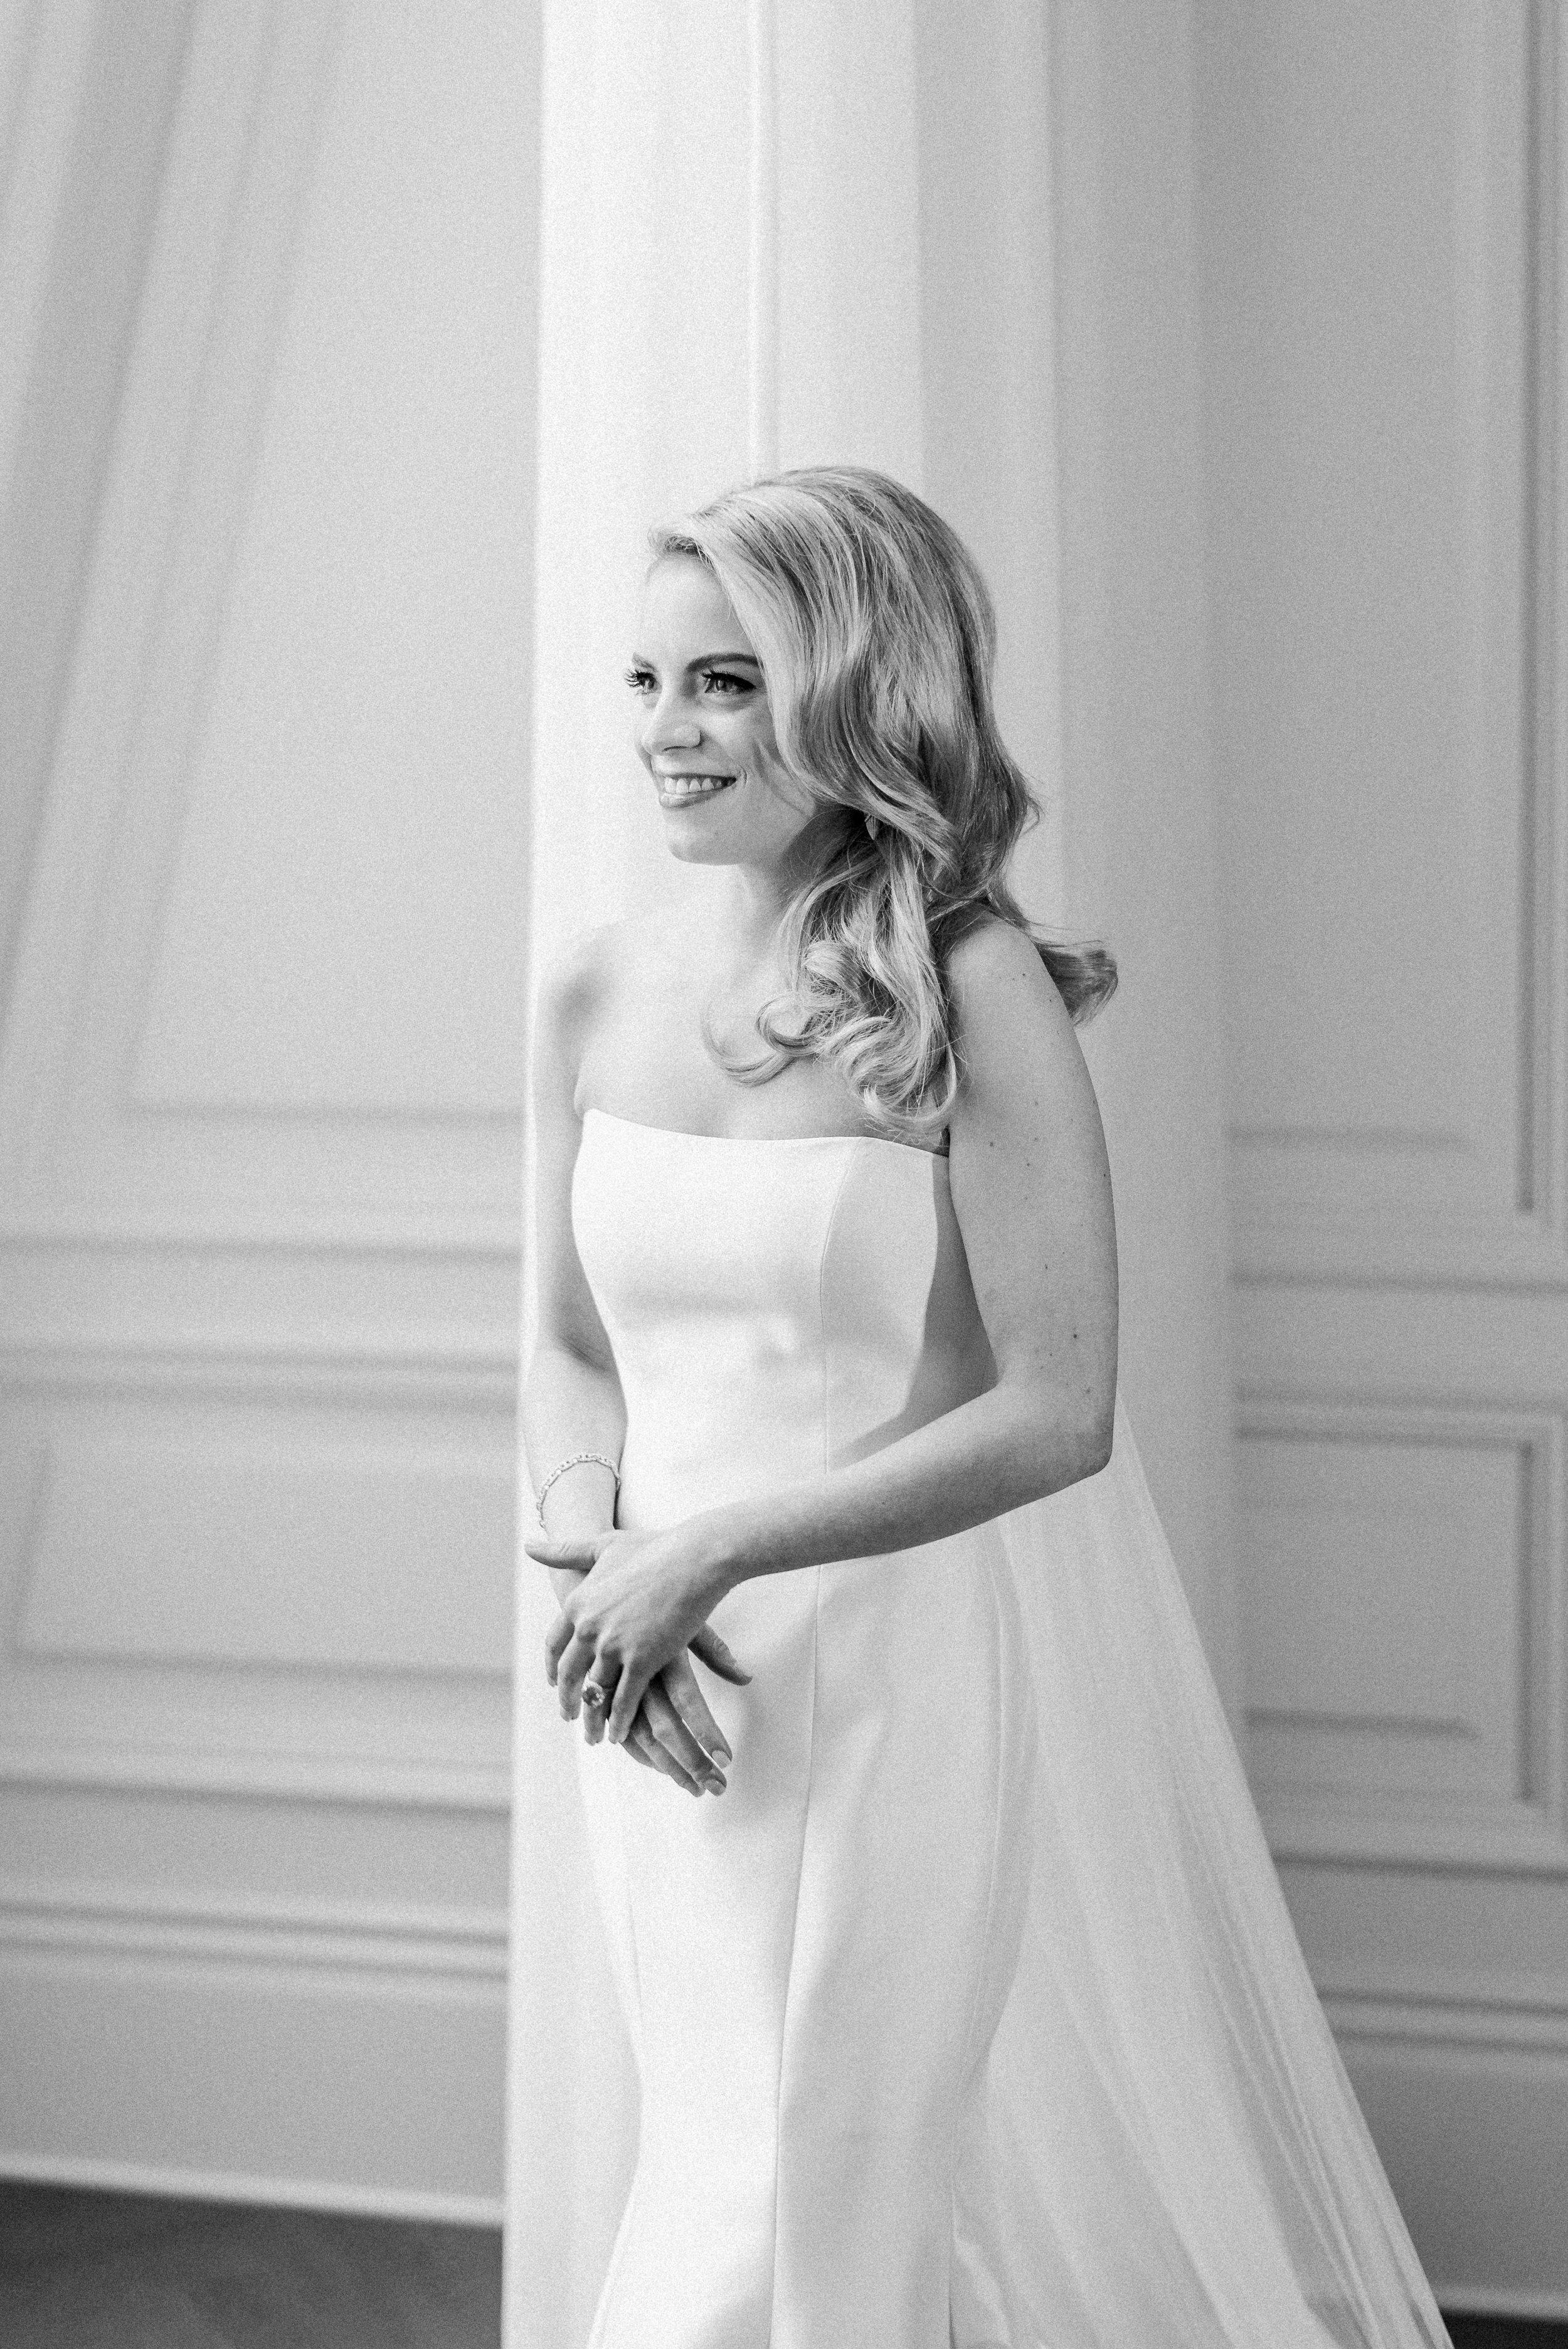 Getting Ready - Adolphus Wedding - Dallas Wedding Planner - Allday Events - 562.jpg